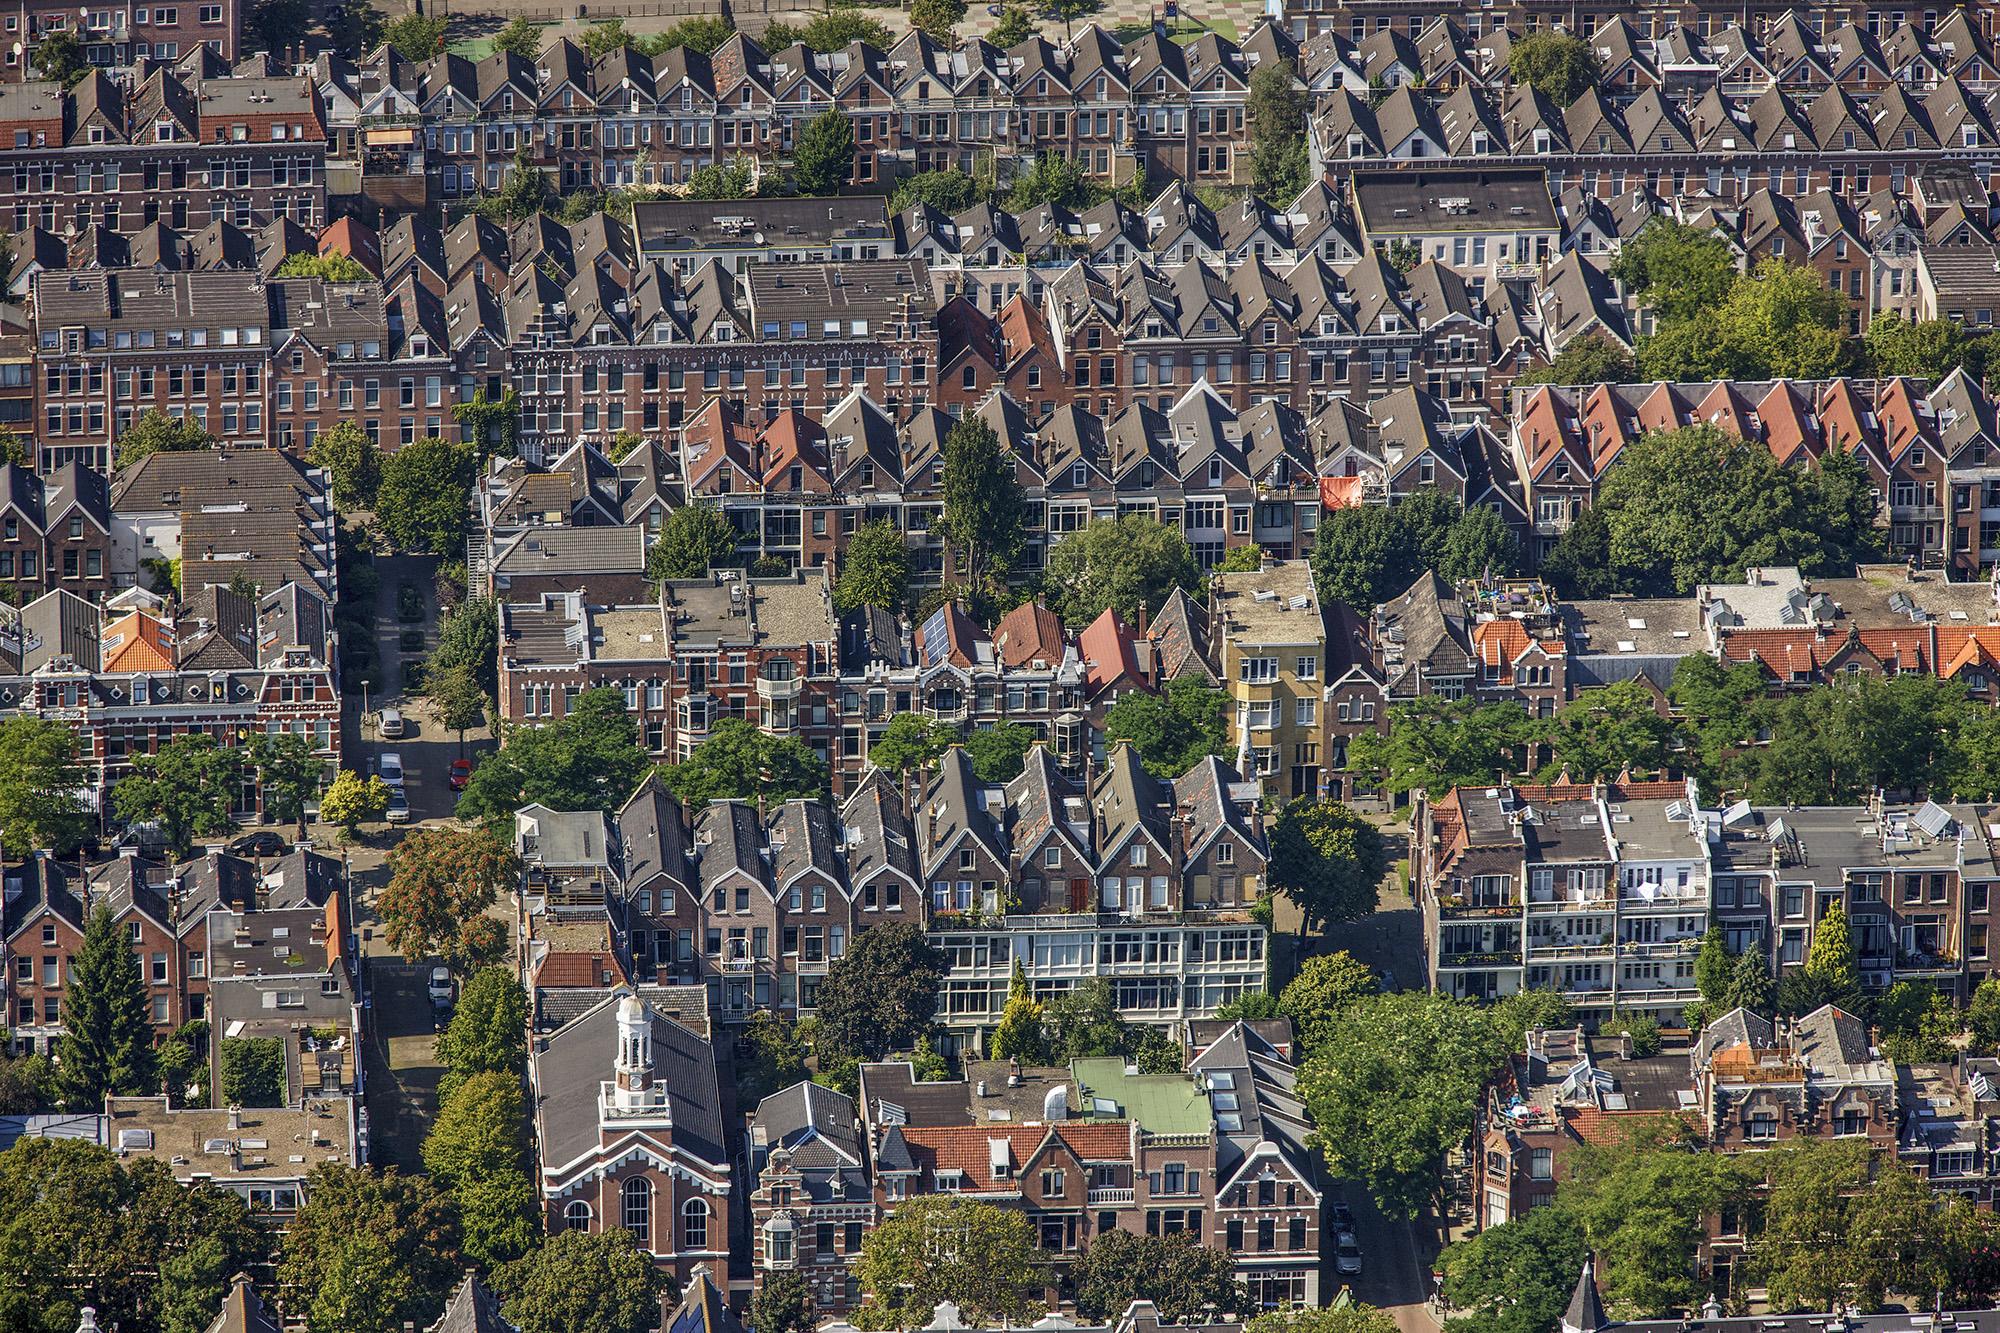 Rotterdam onbewolkt Peter Elenbaas 9